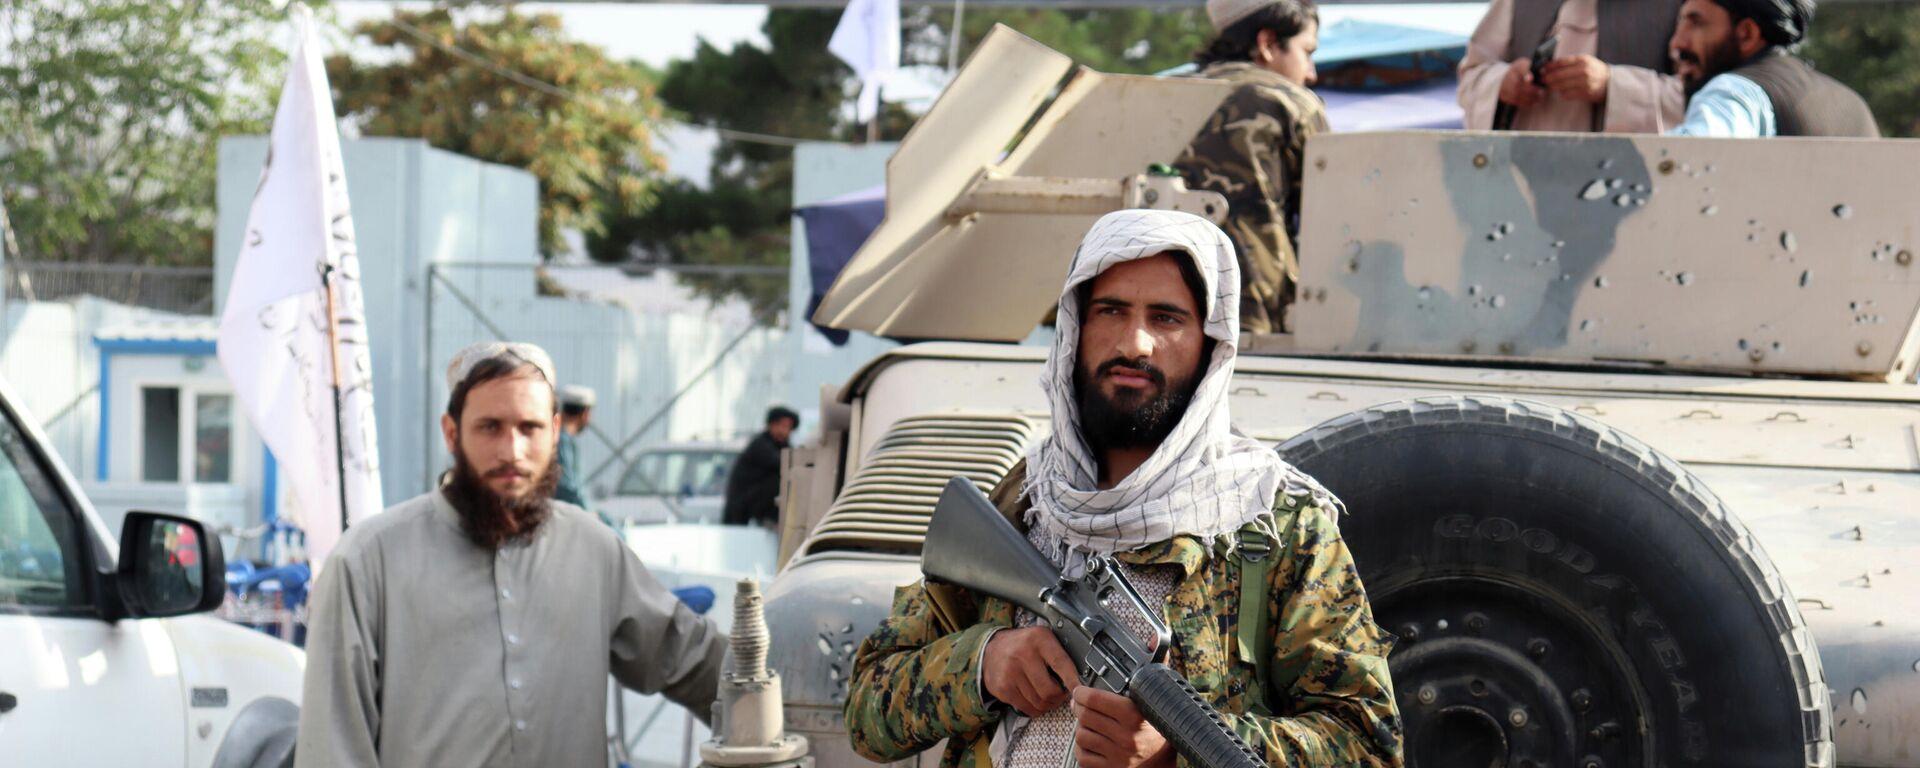 Боевики Талибана стоят на страже перед международным аэропортом Хамида Карзая после вывода американских войск в Кабуле - Sputnik Тоҷикистон, 1920, 08.10.2021